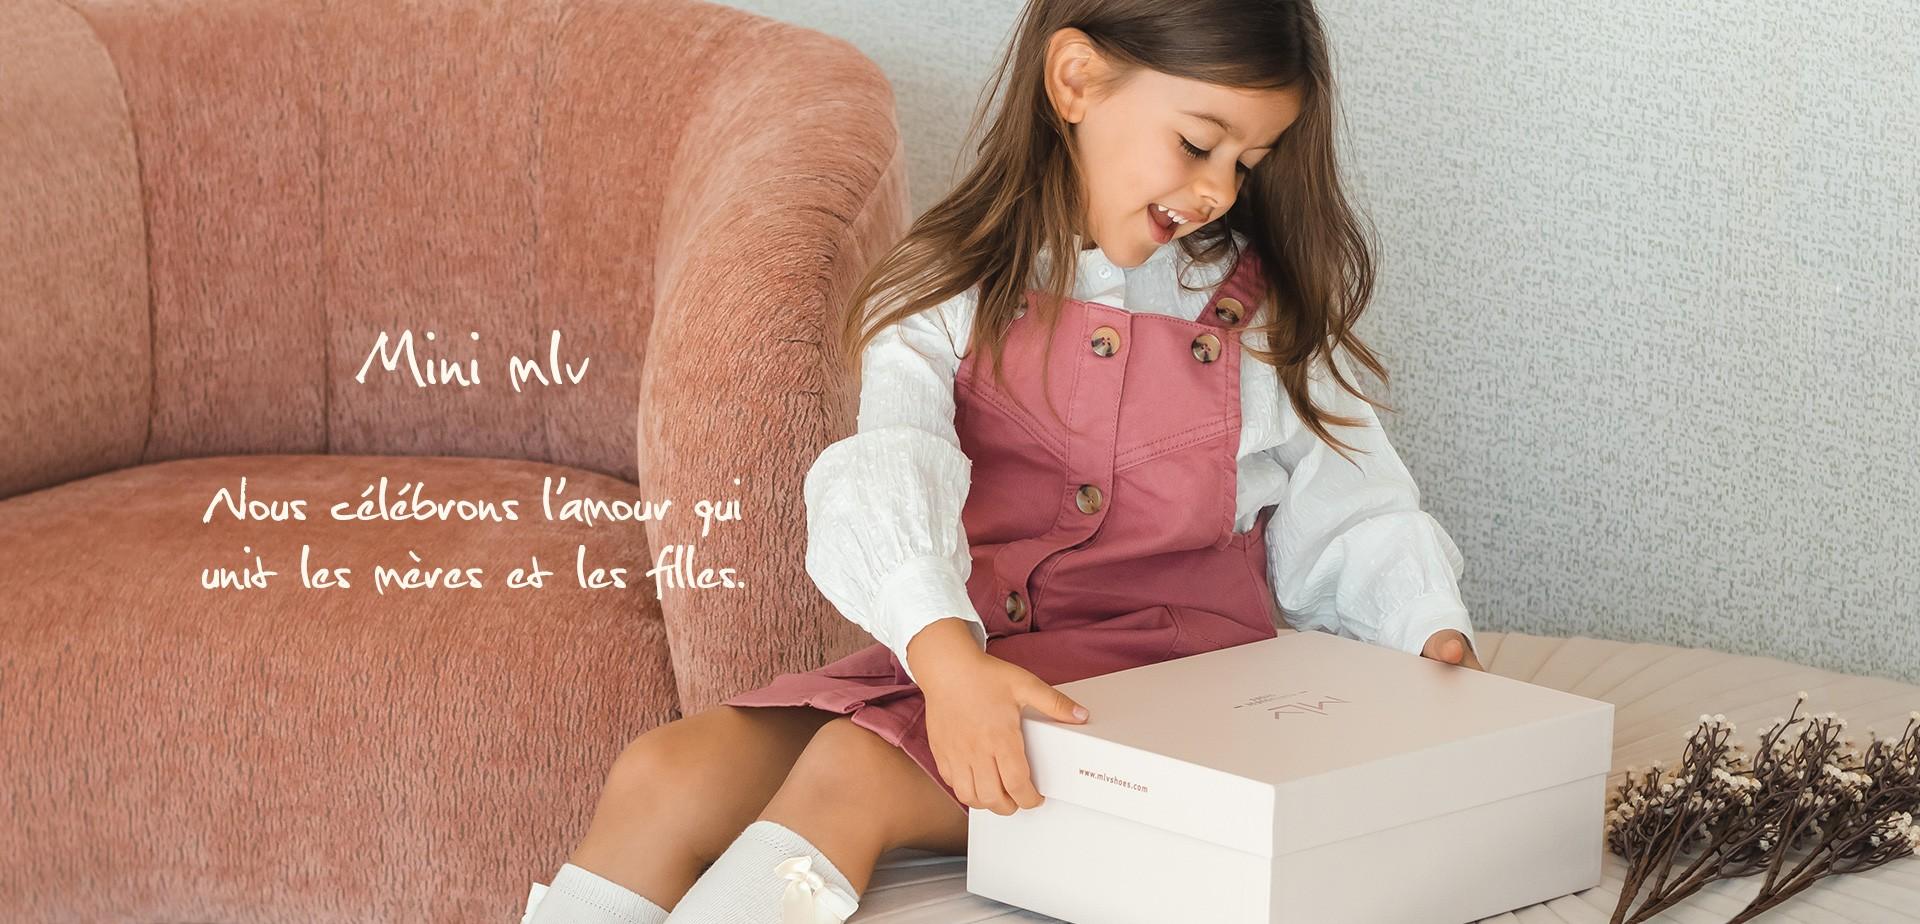 Chaussures pour enfants Mini MLV Shoes